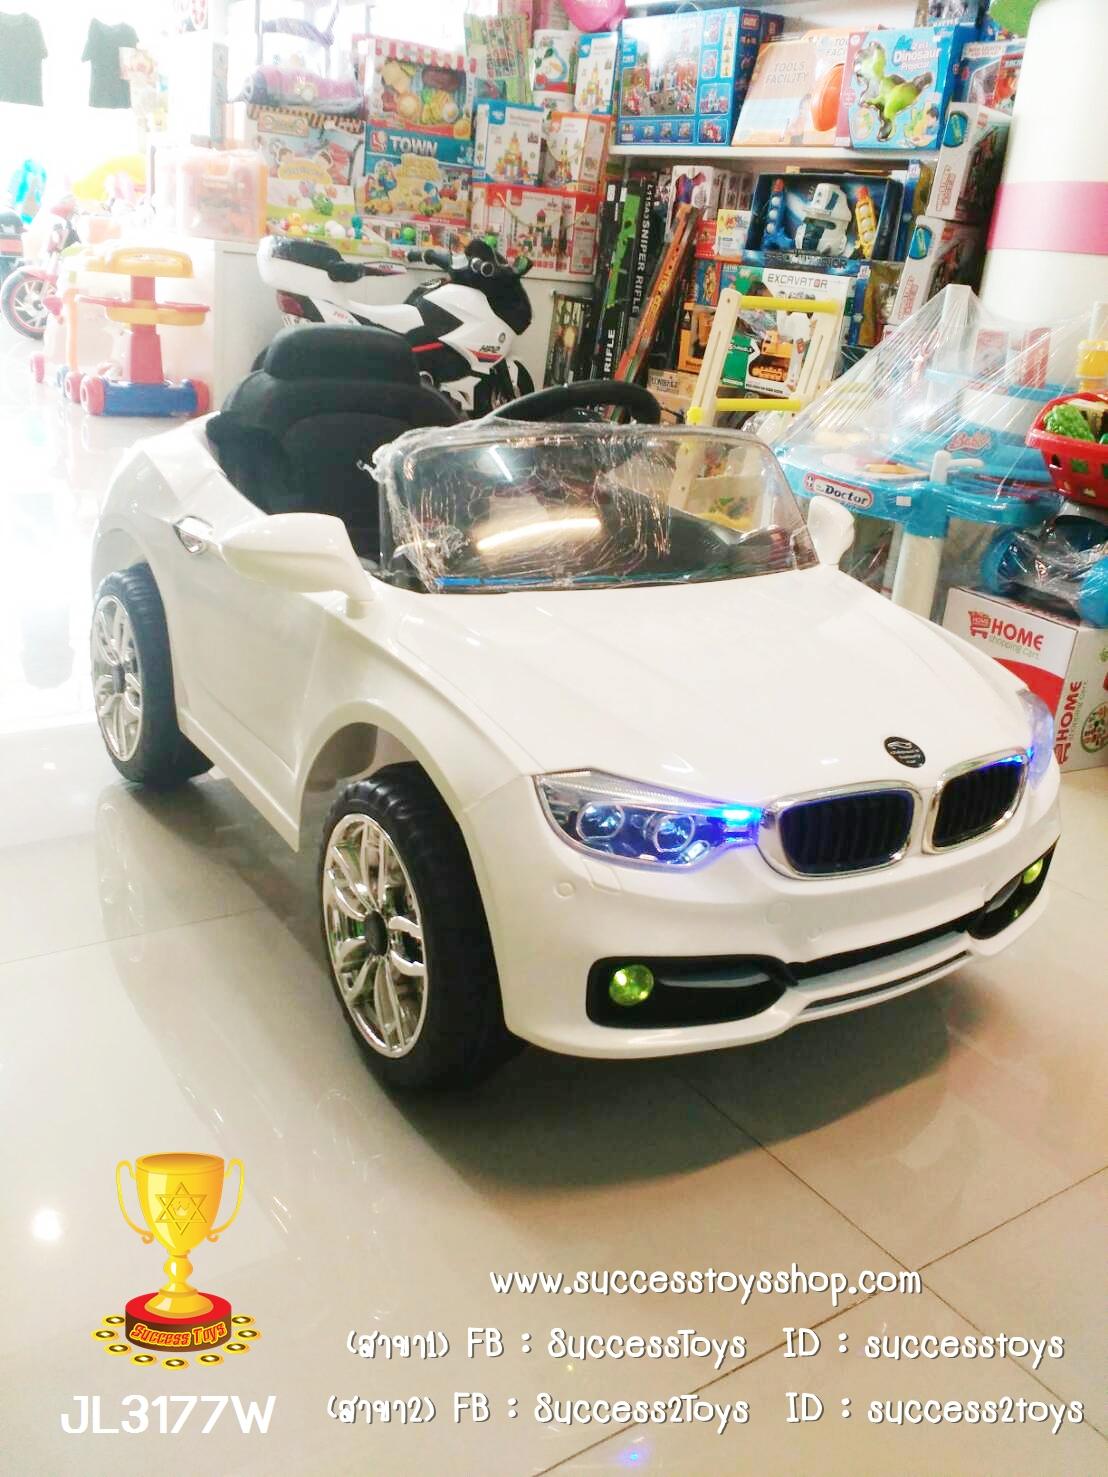 JL3177W รถแบตเตอรี่เด็กนั่งไฟฟ้า BMW 2M